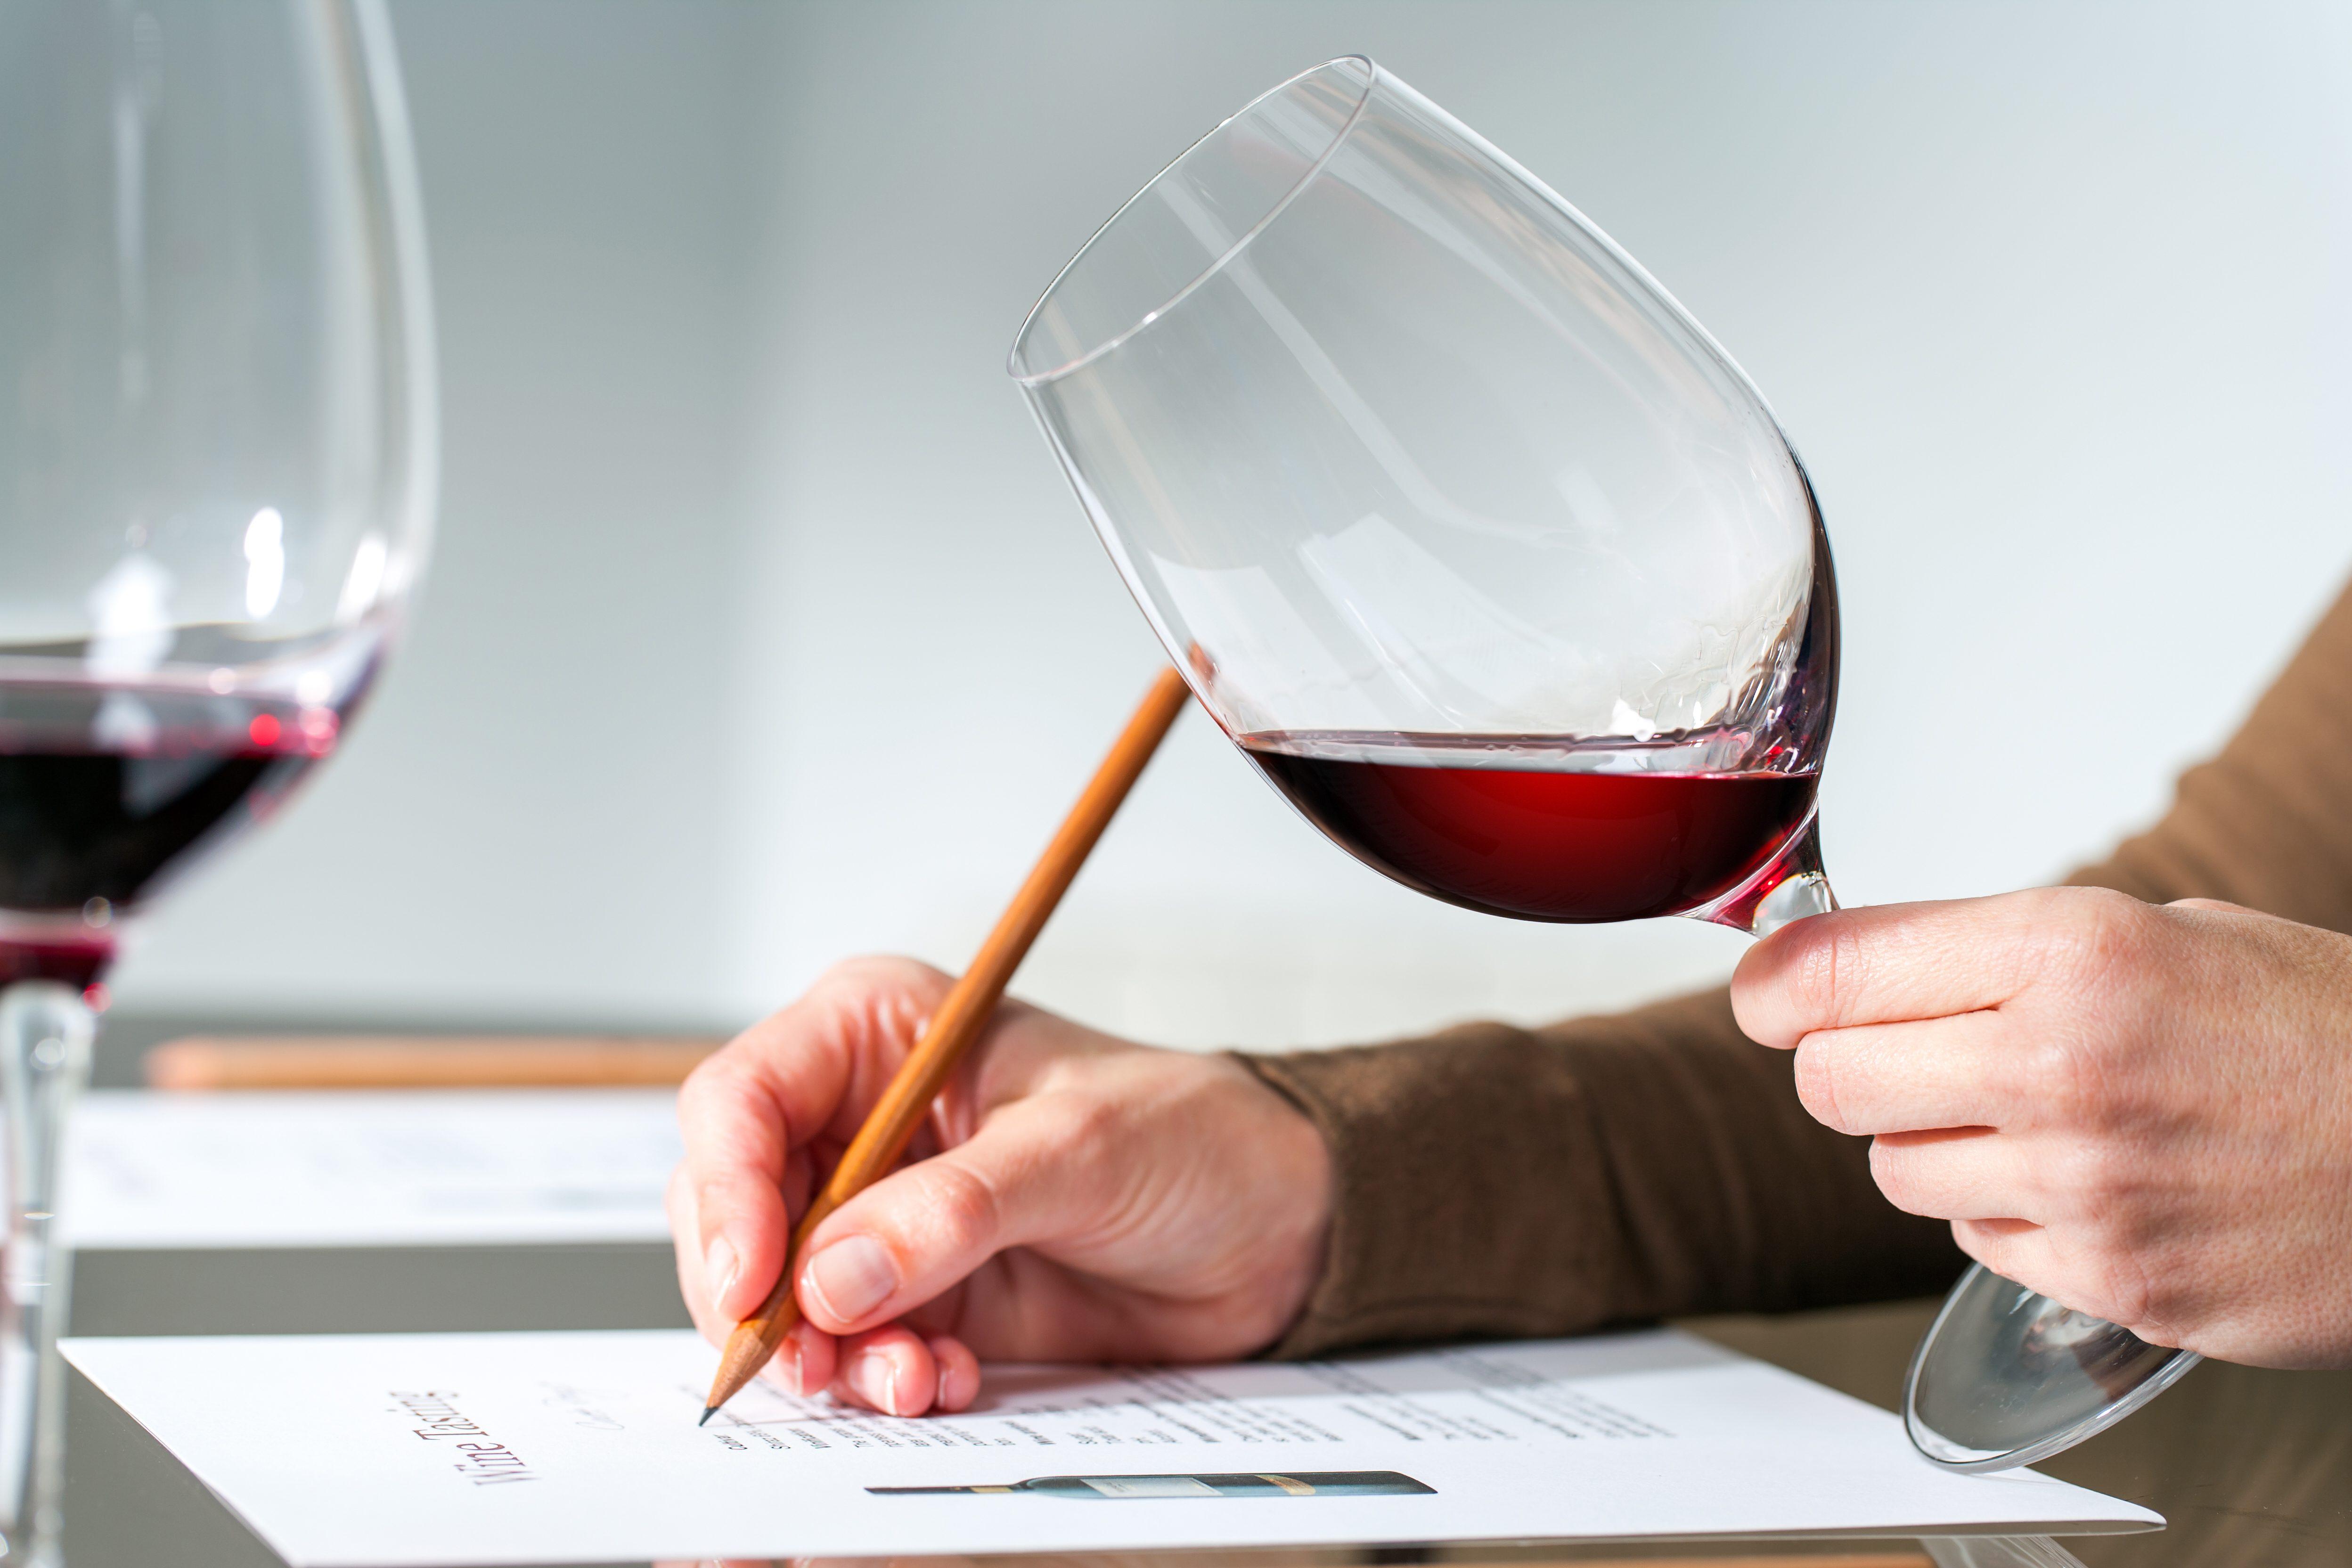 Il vino diventa materia di studio nelle scuole superiori